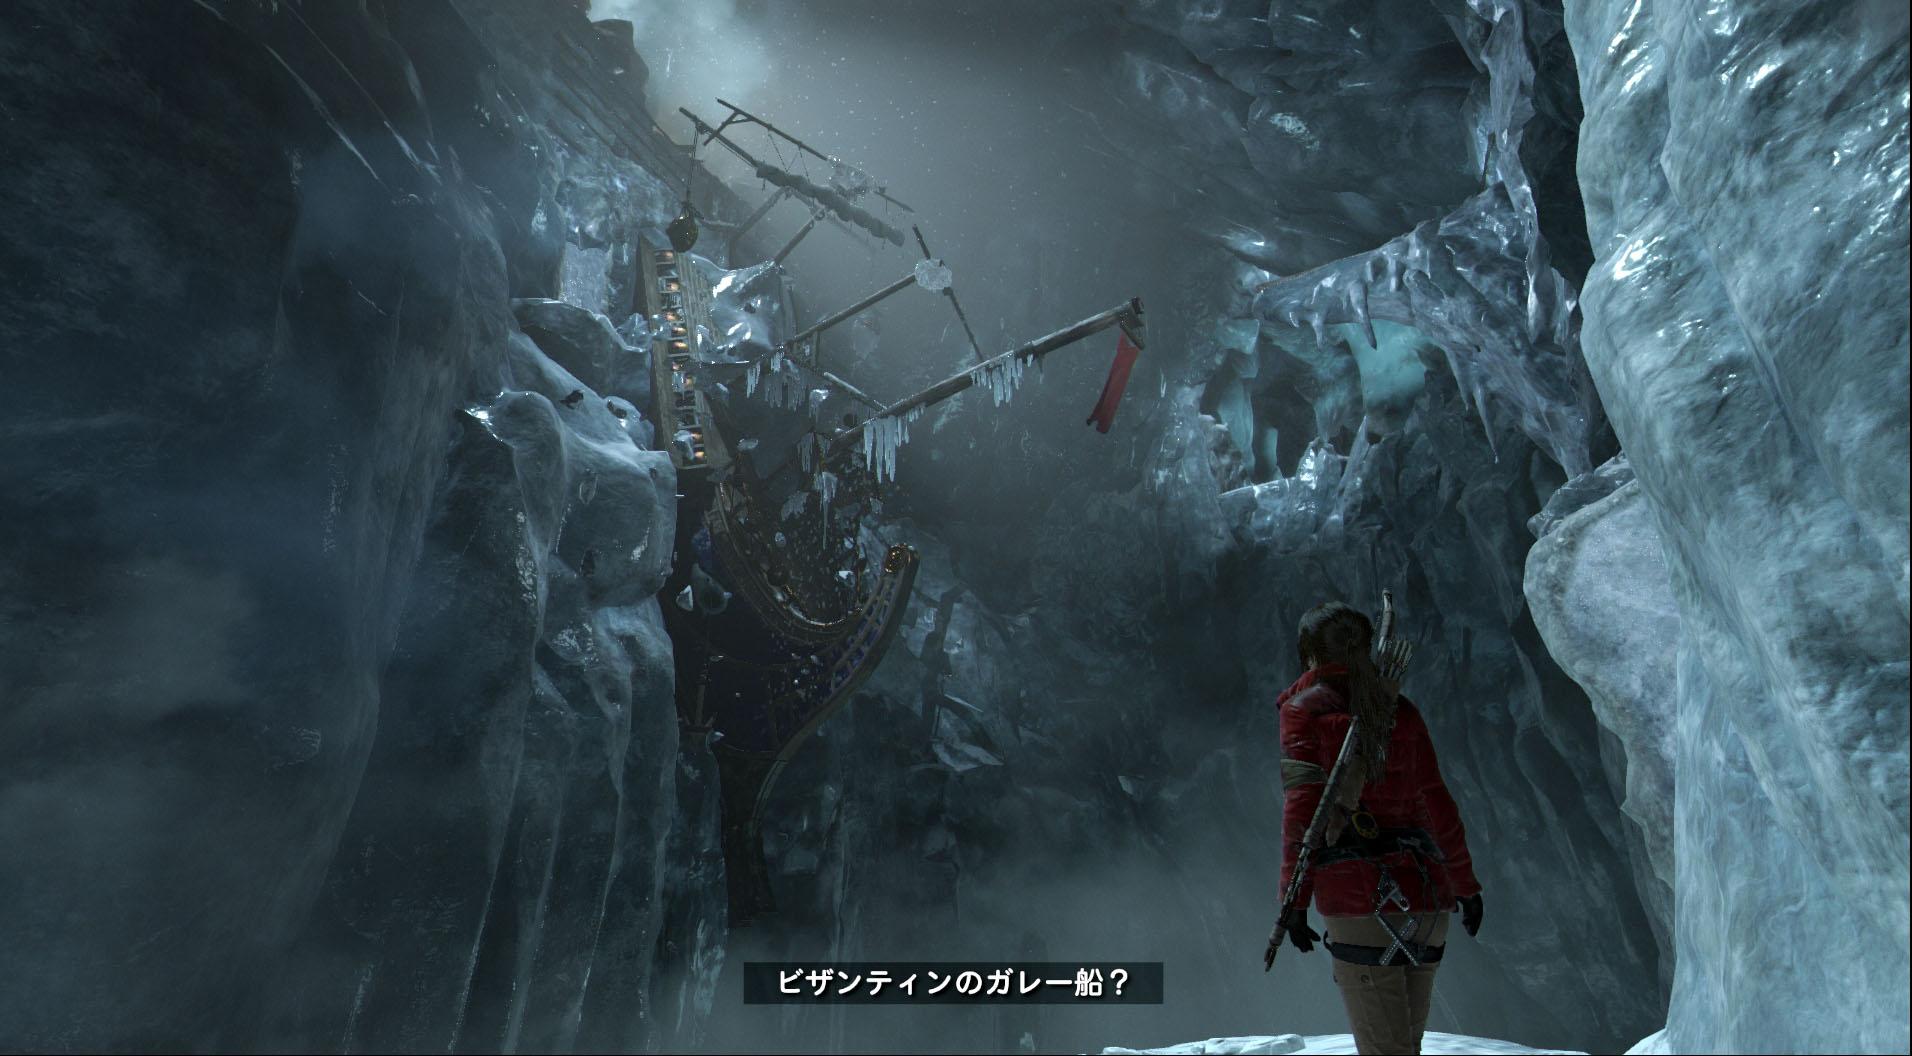 山の中に海賊船が!? 謎を解く鍵は遺跡の中にある